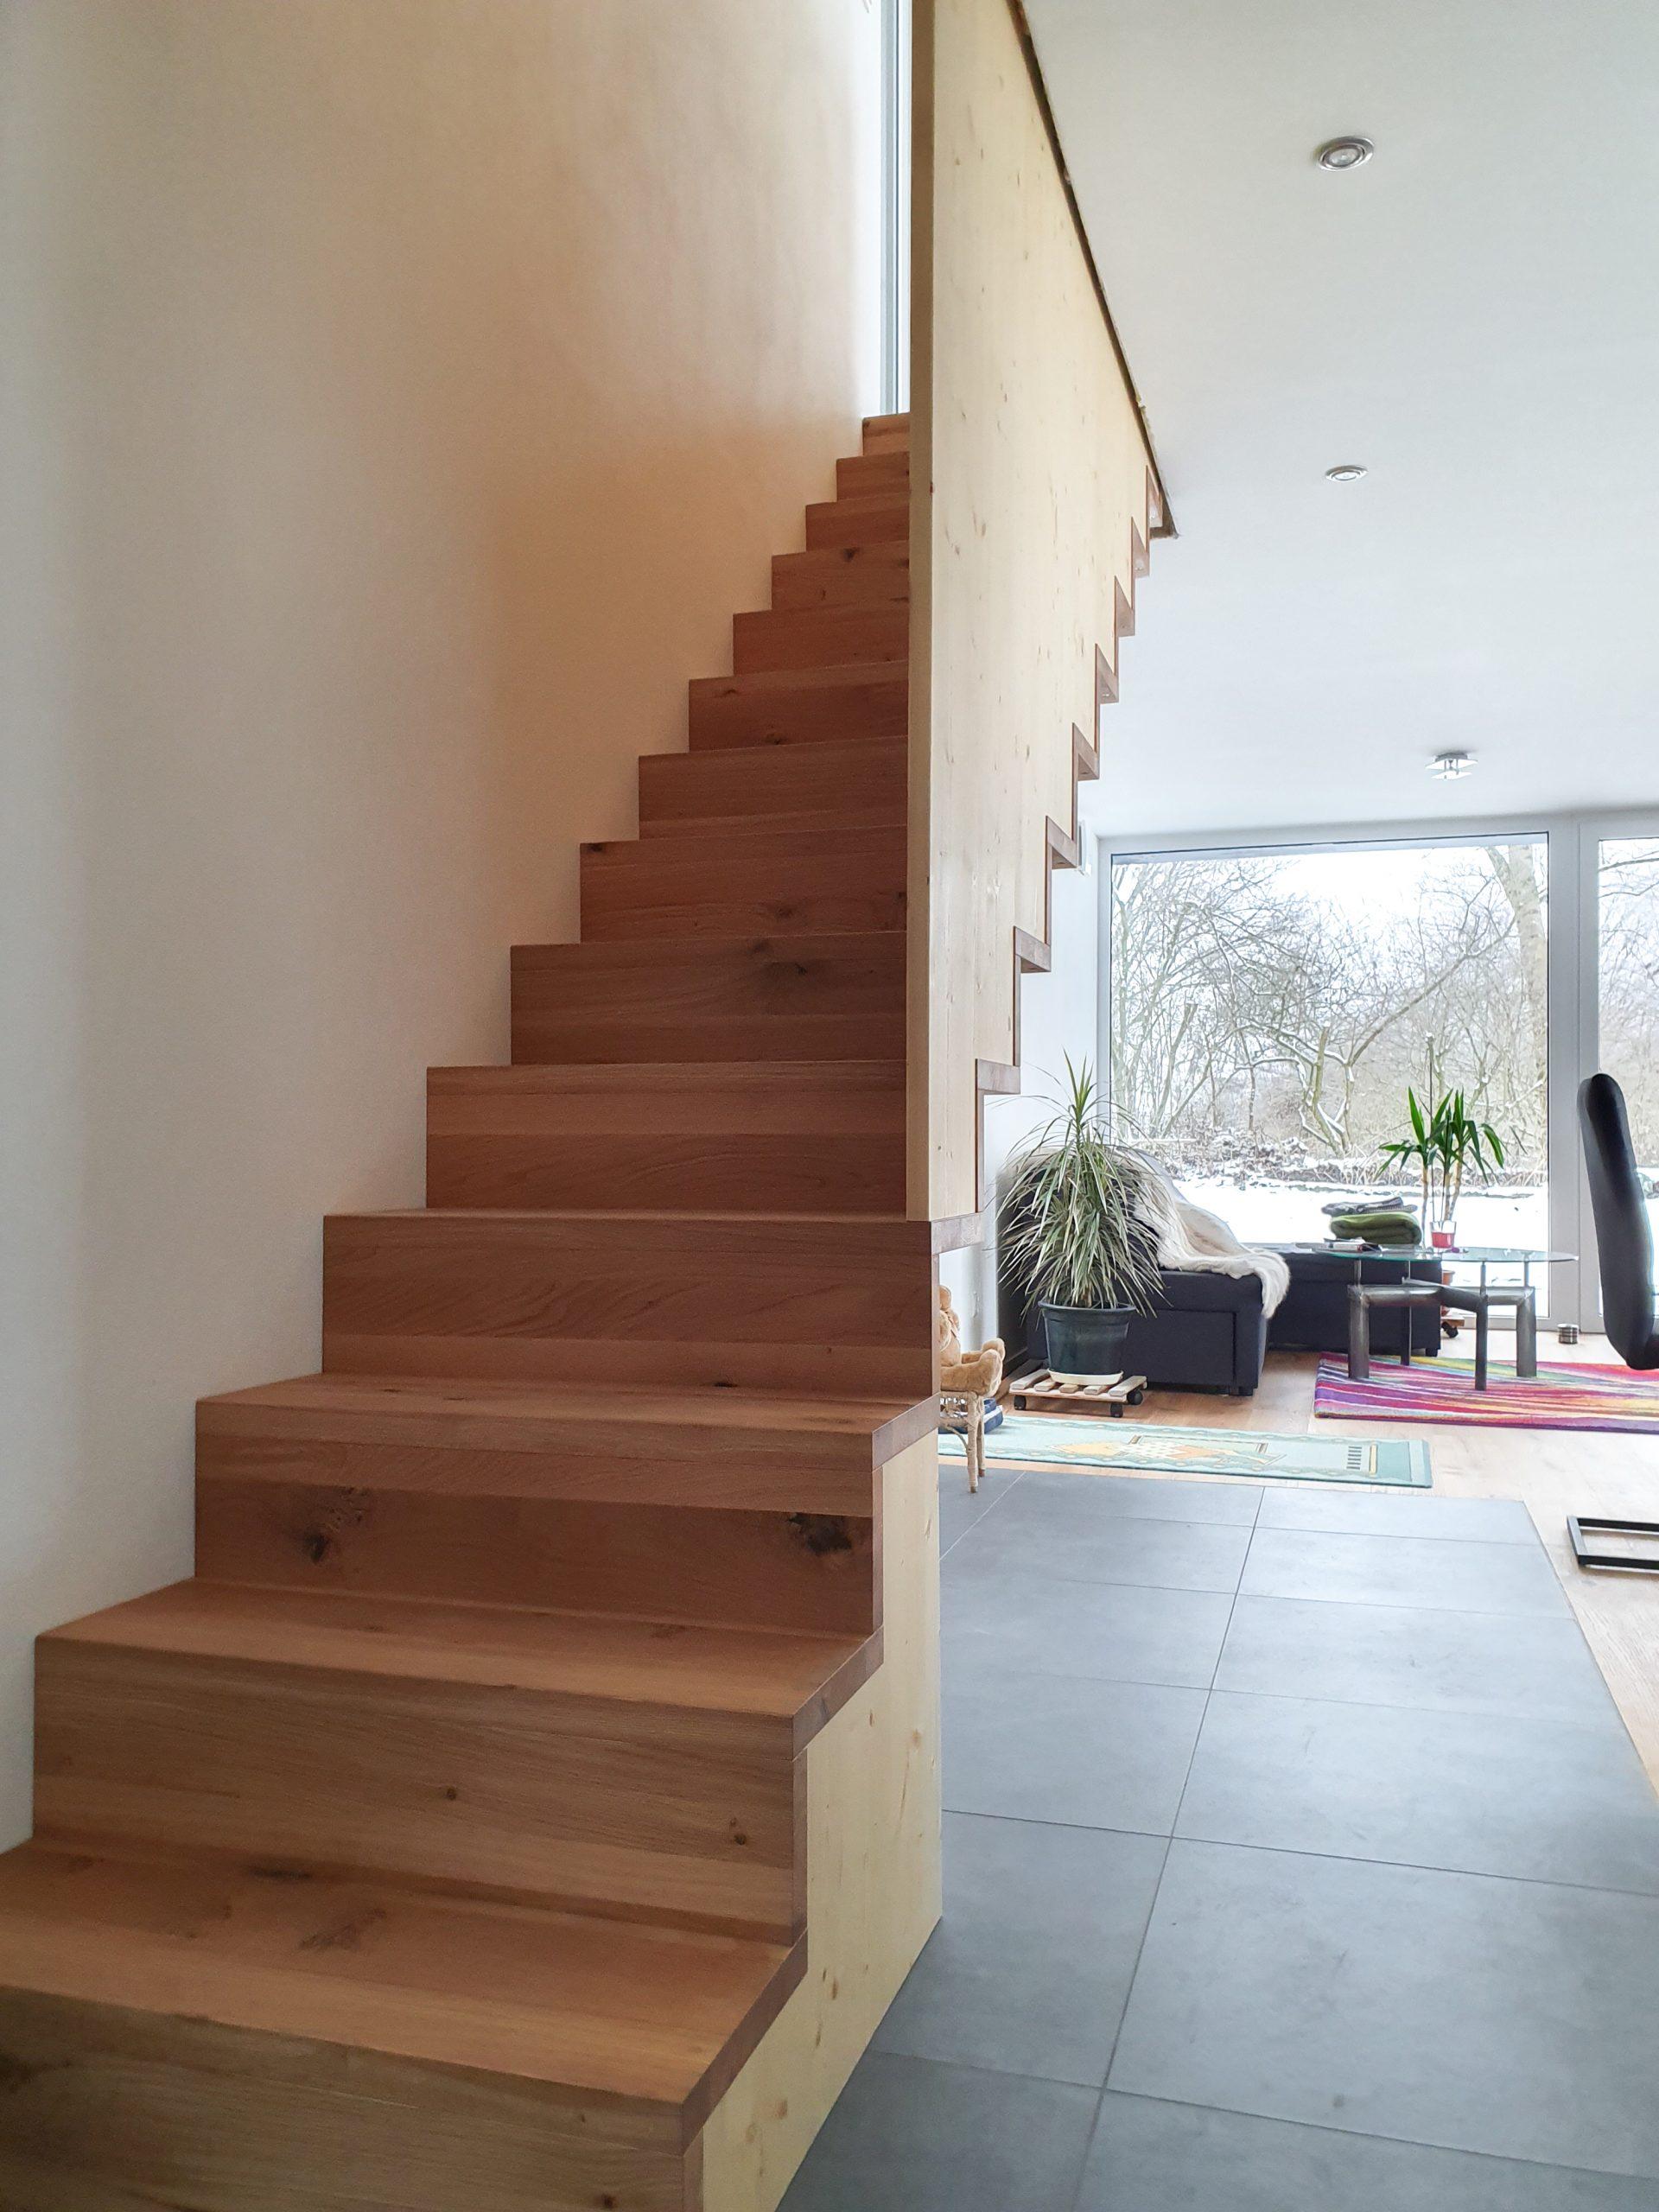 Architektur auf dem Land_Treppe_01